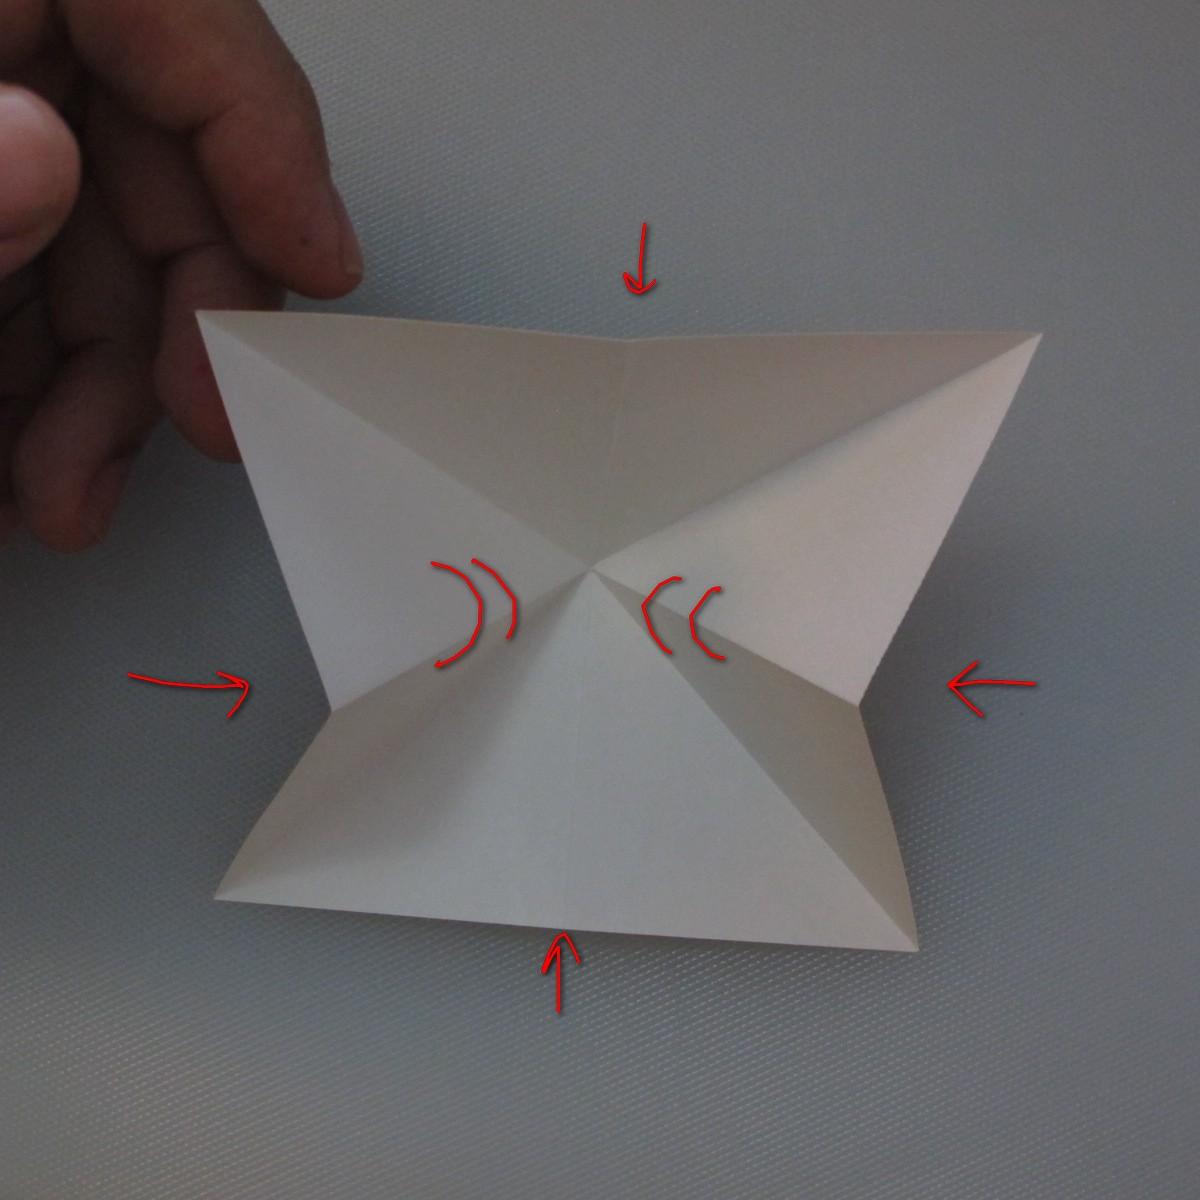 วิธีพับกระดาษเป็นดอกทิวลิป 004